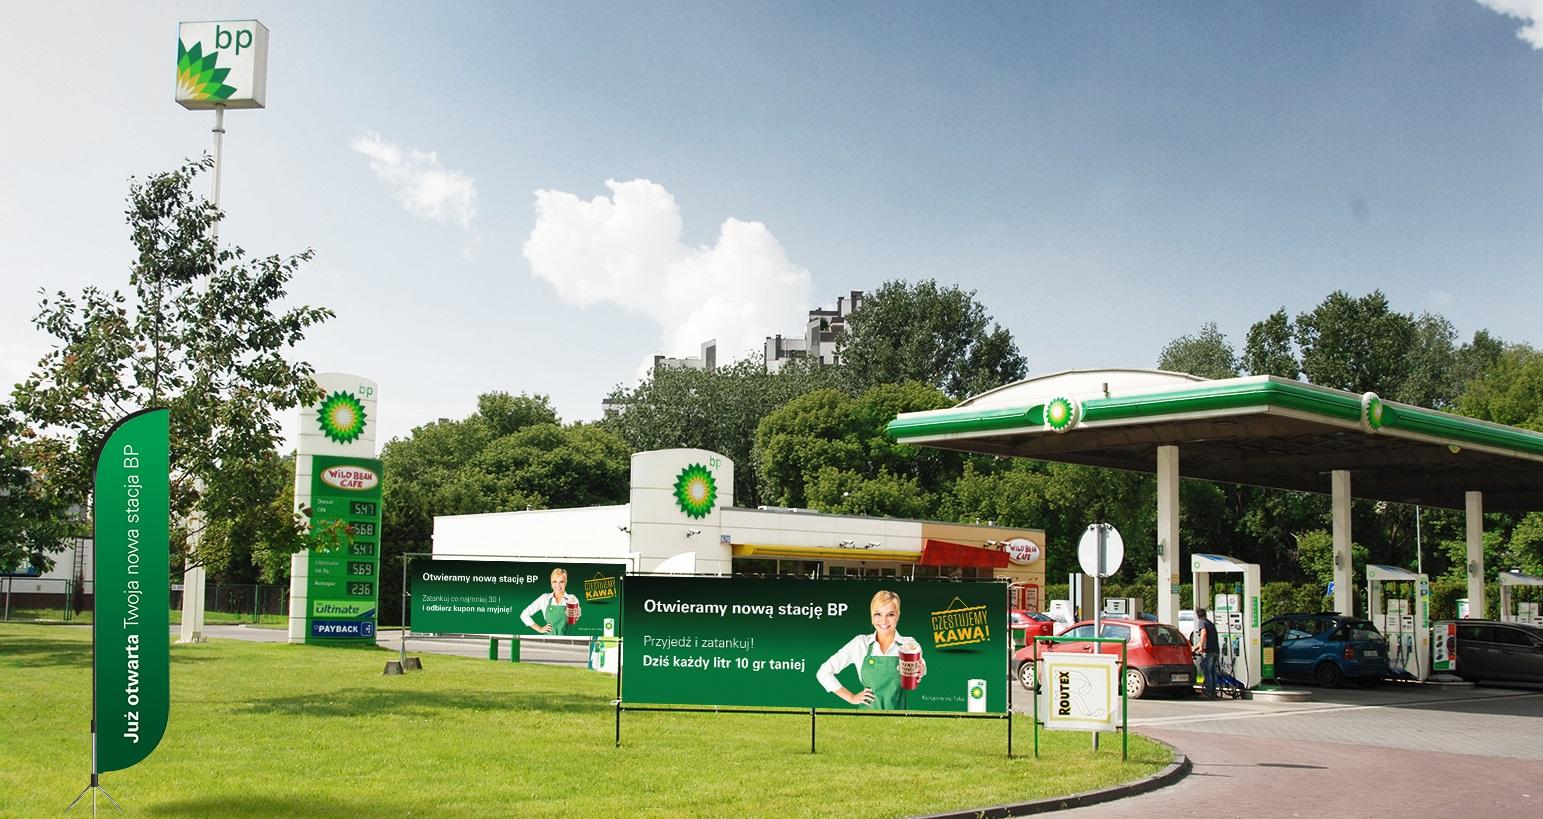 BP stawia na ofertę usług cyfrowych oraz ładowanie aut elektrycznych